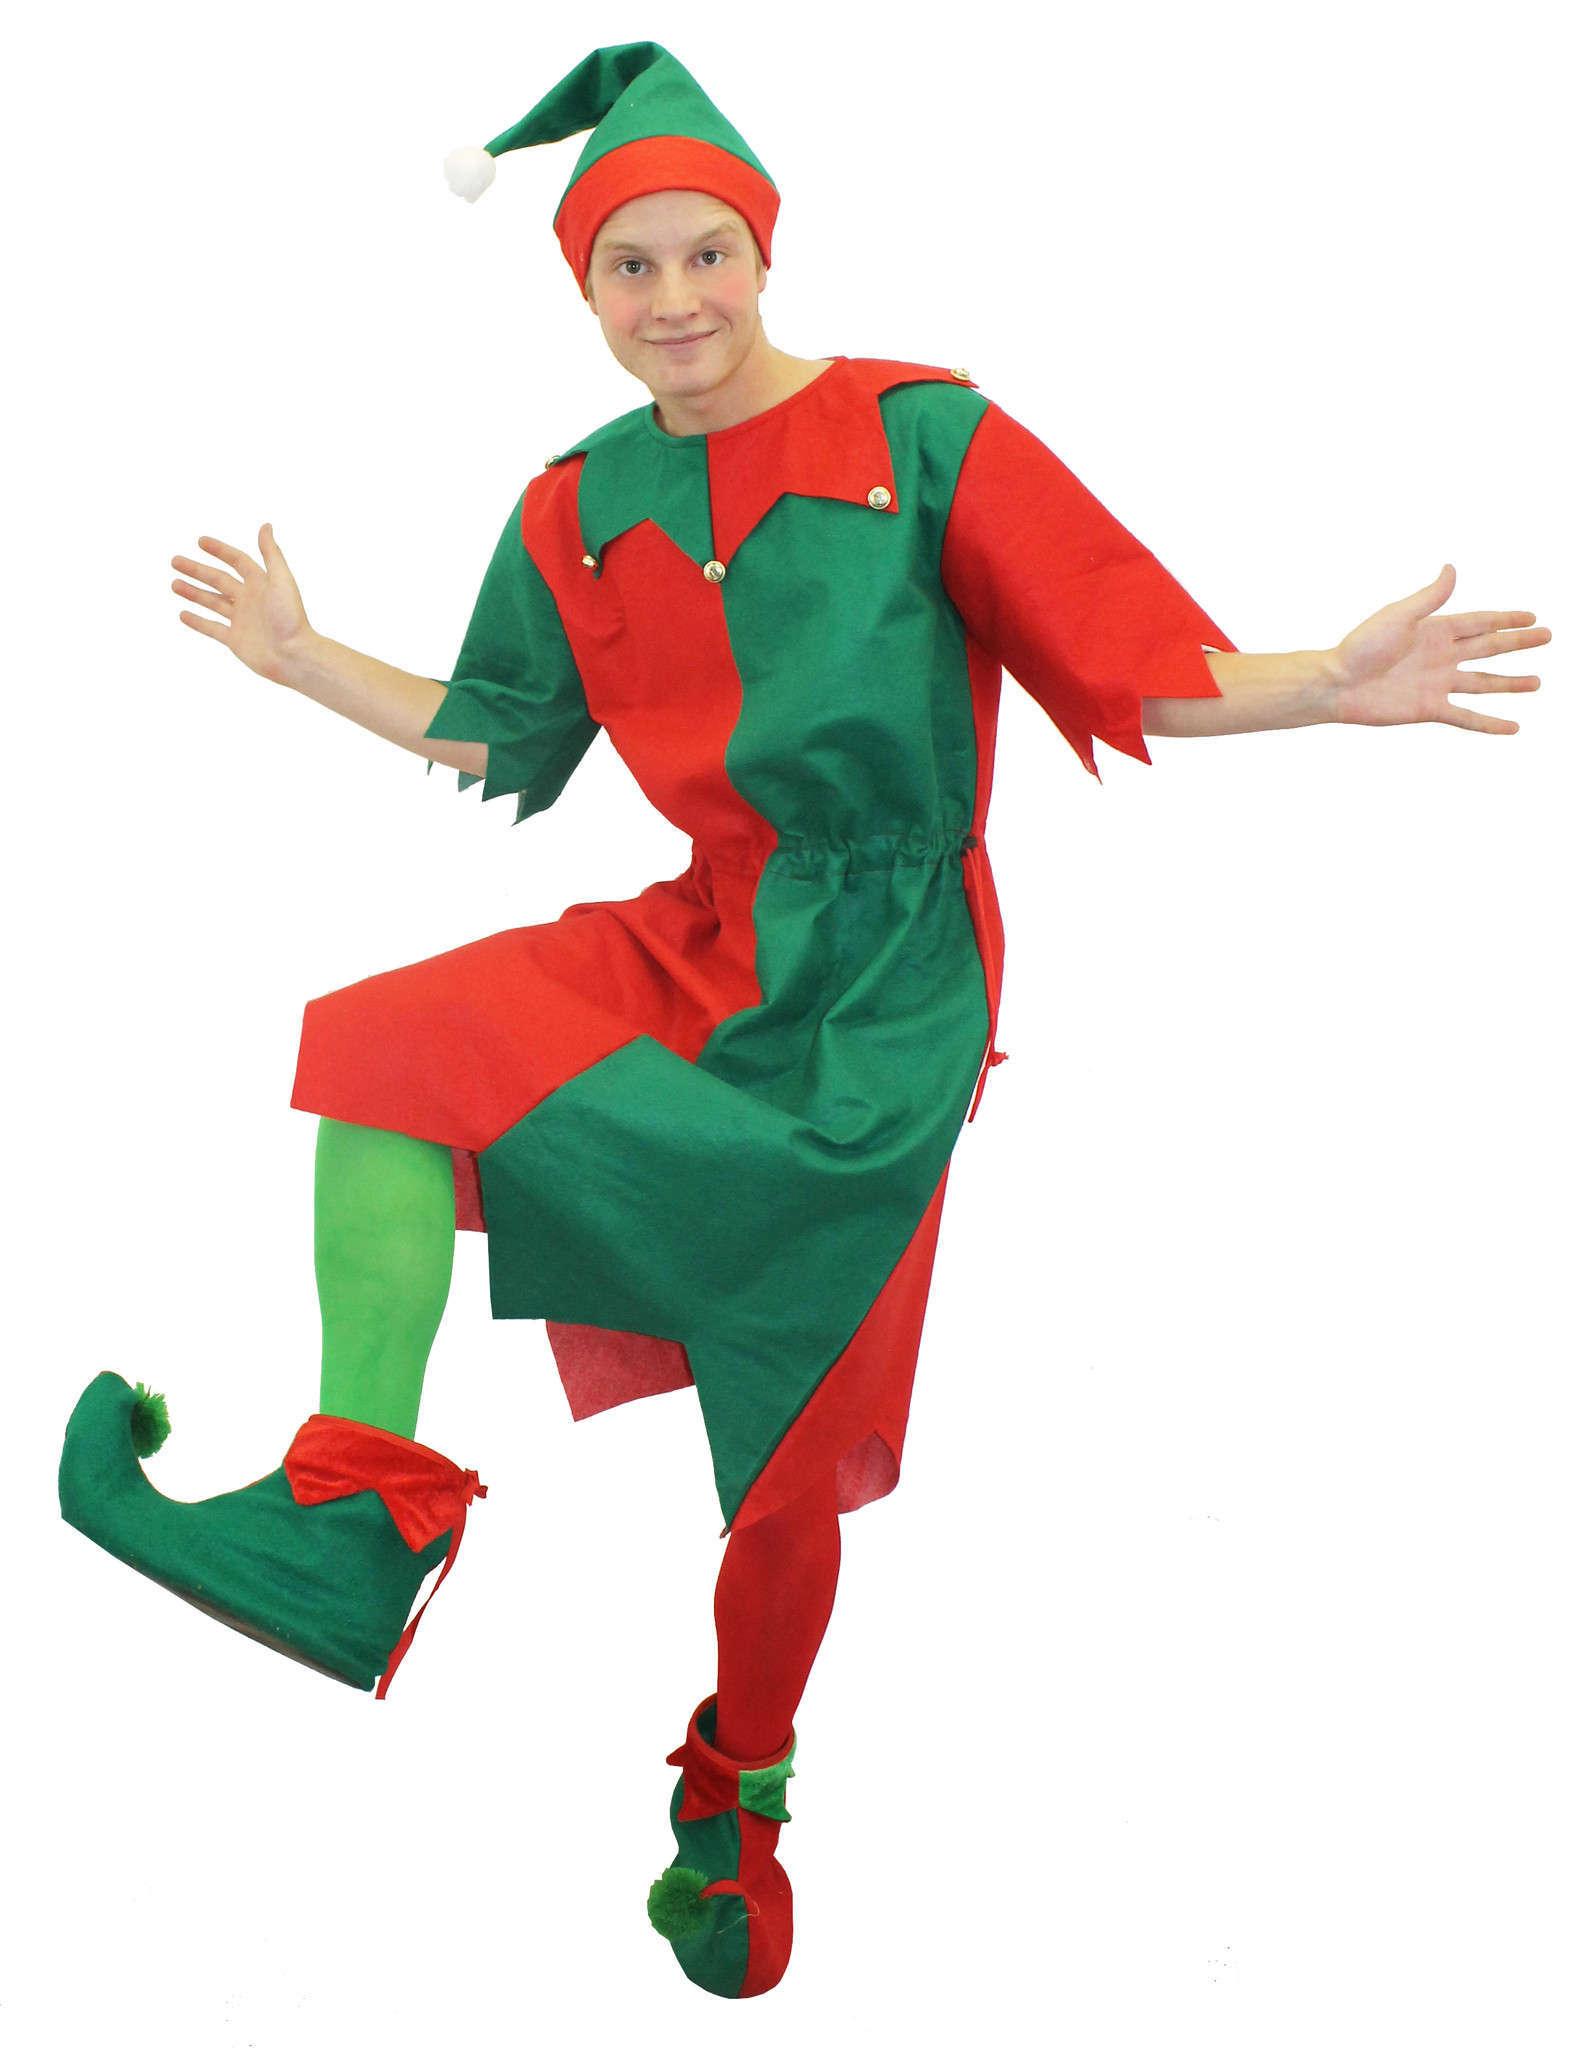 457554aa1932 Mens Adult Elf Costume - I Love Fancy Dress